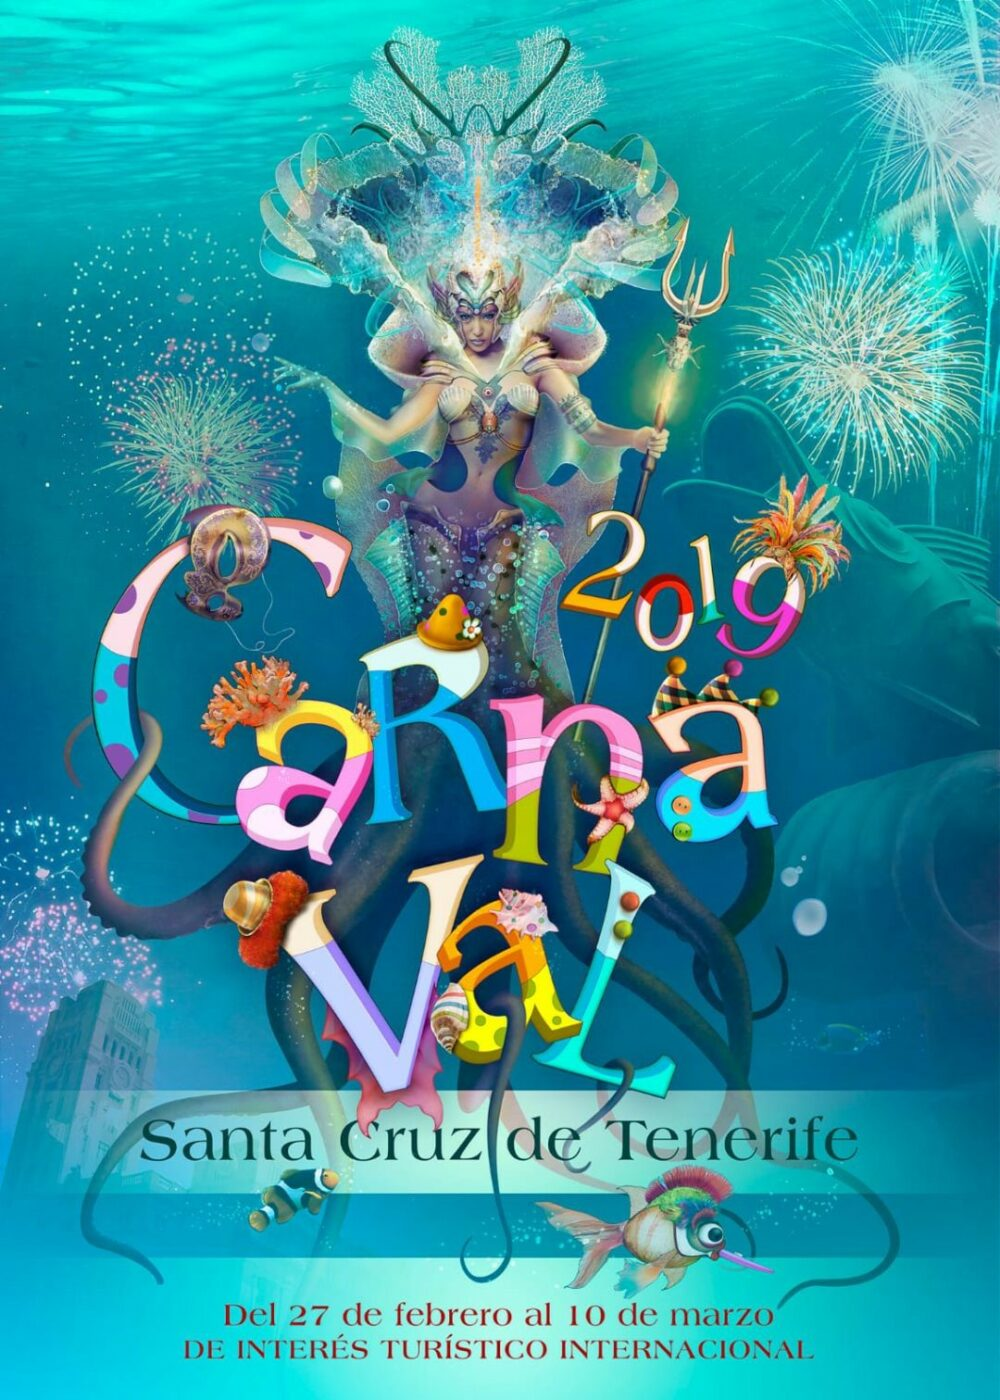 carnaval-tenerife-2019-villamandi